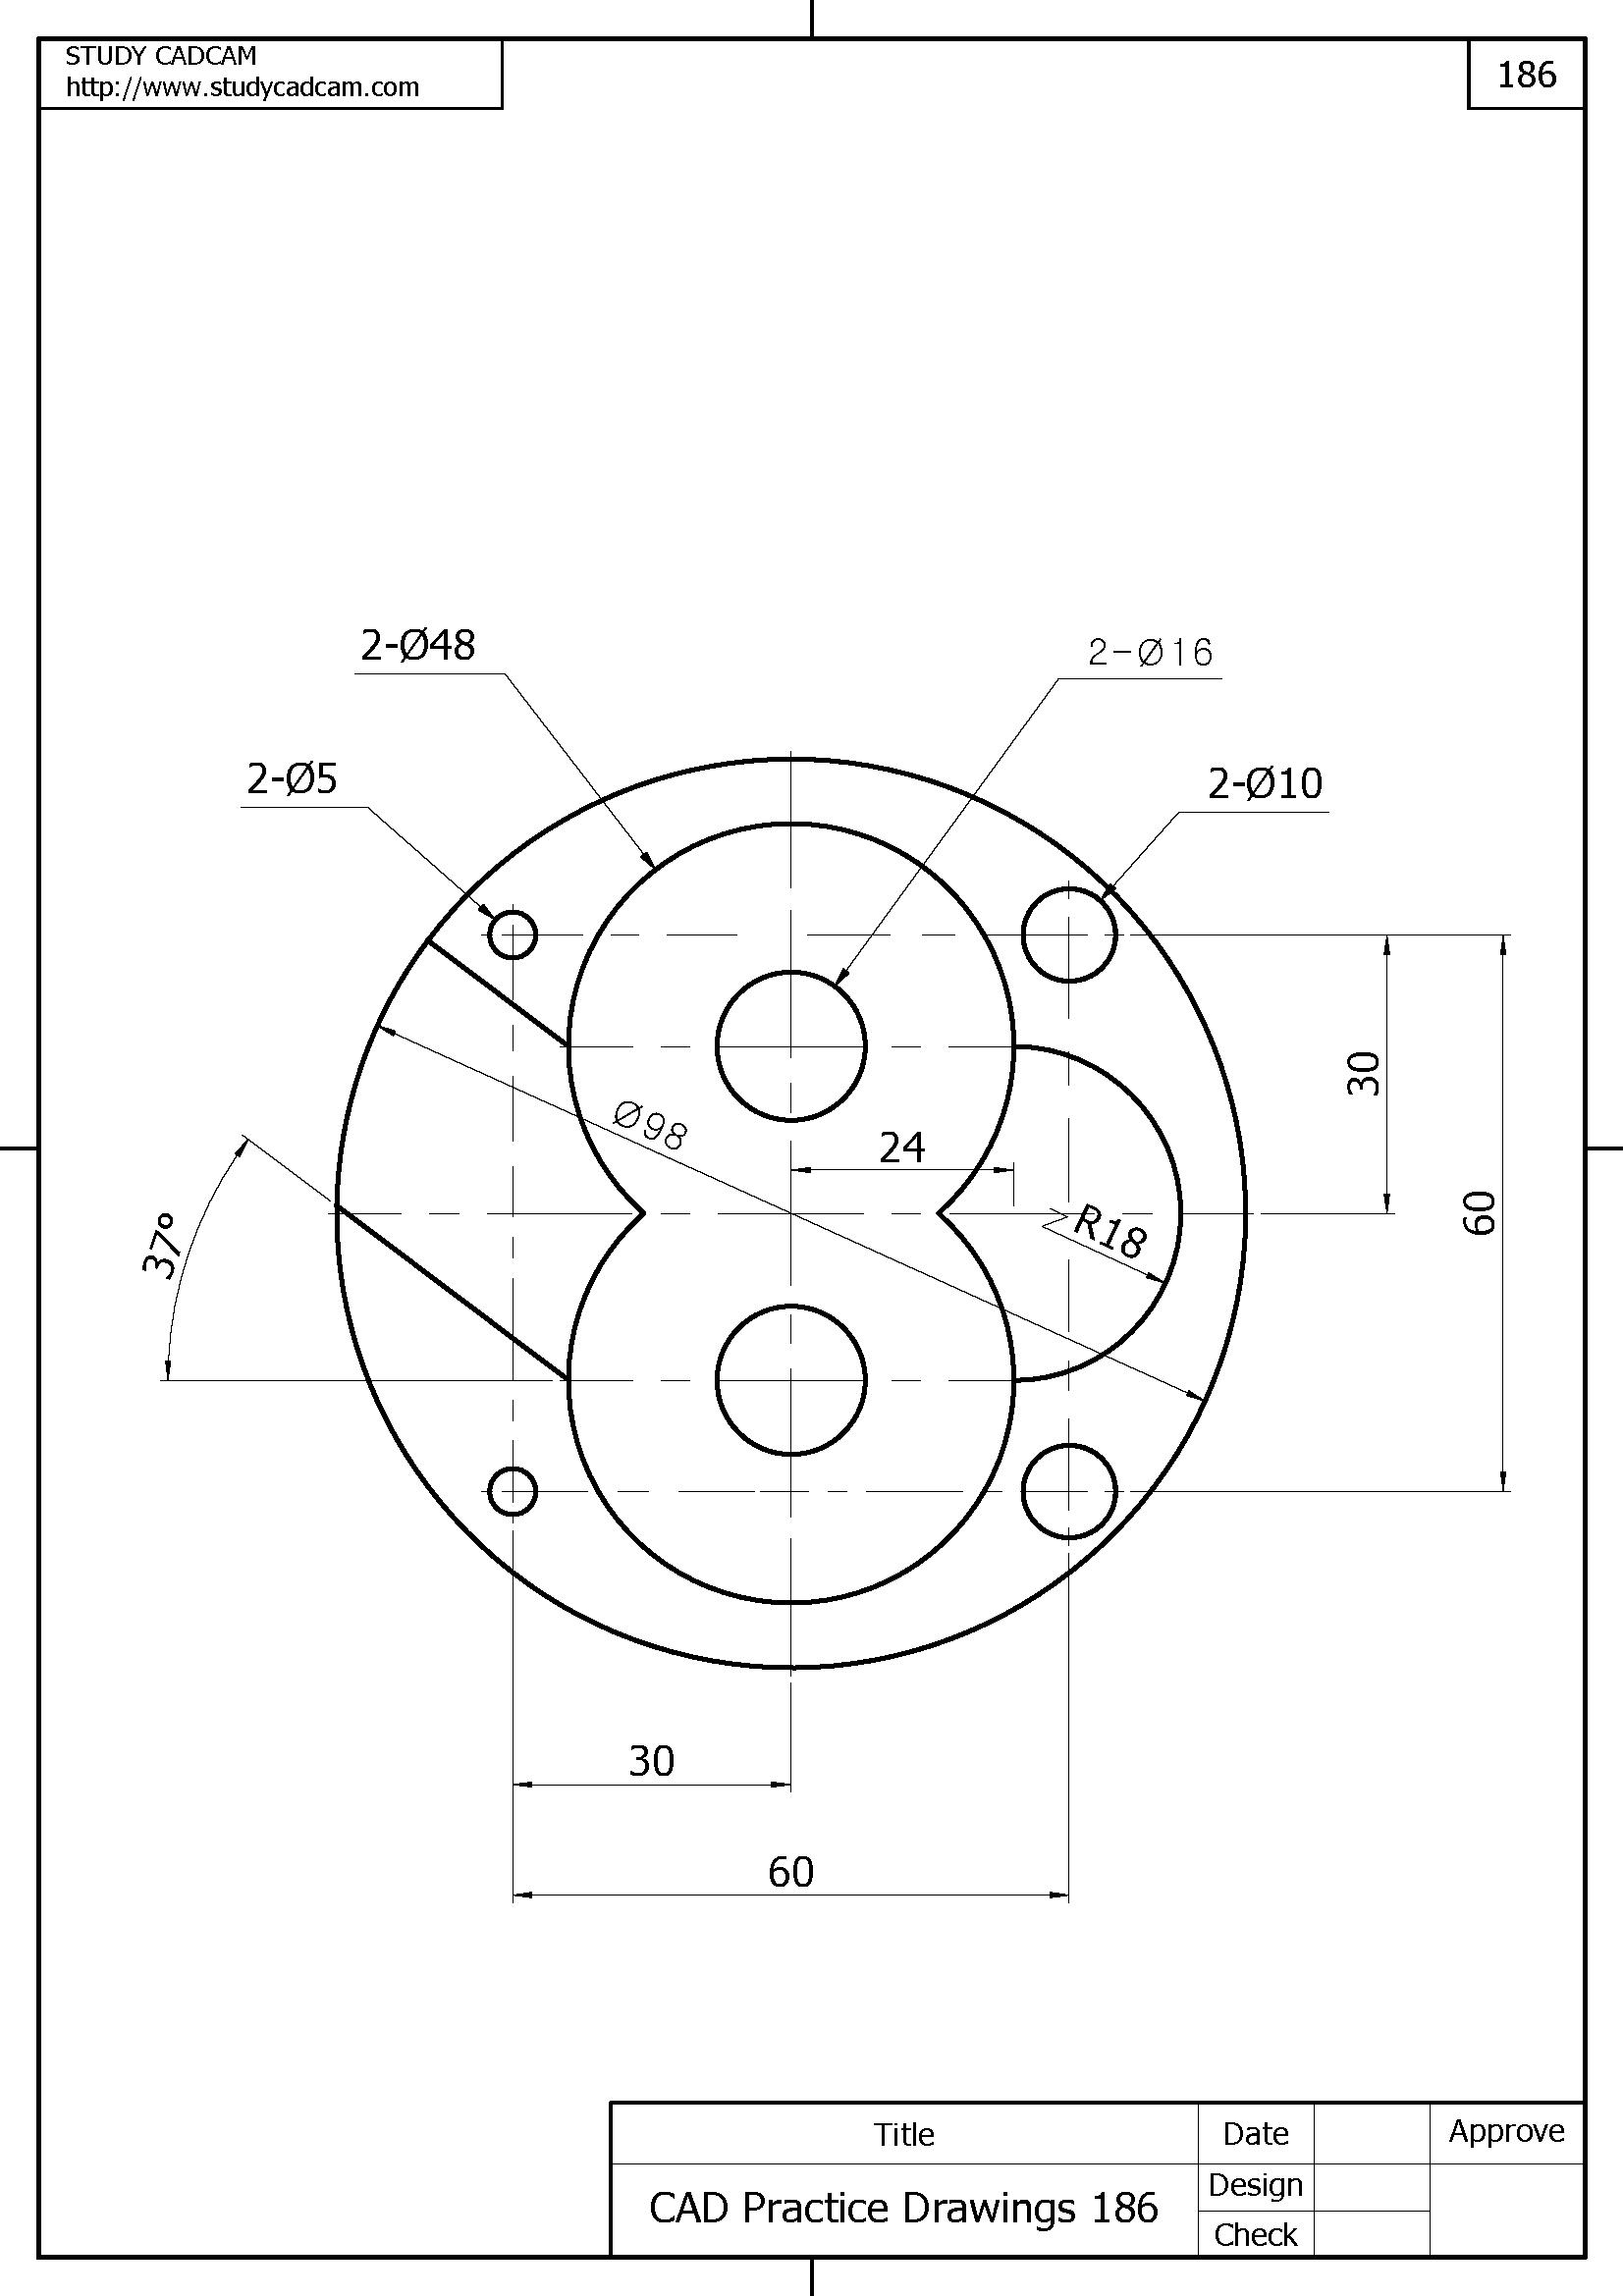 Pin en Dibujos CAD